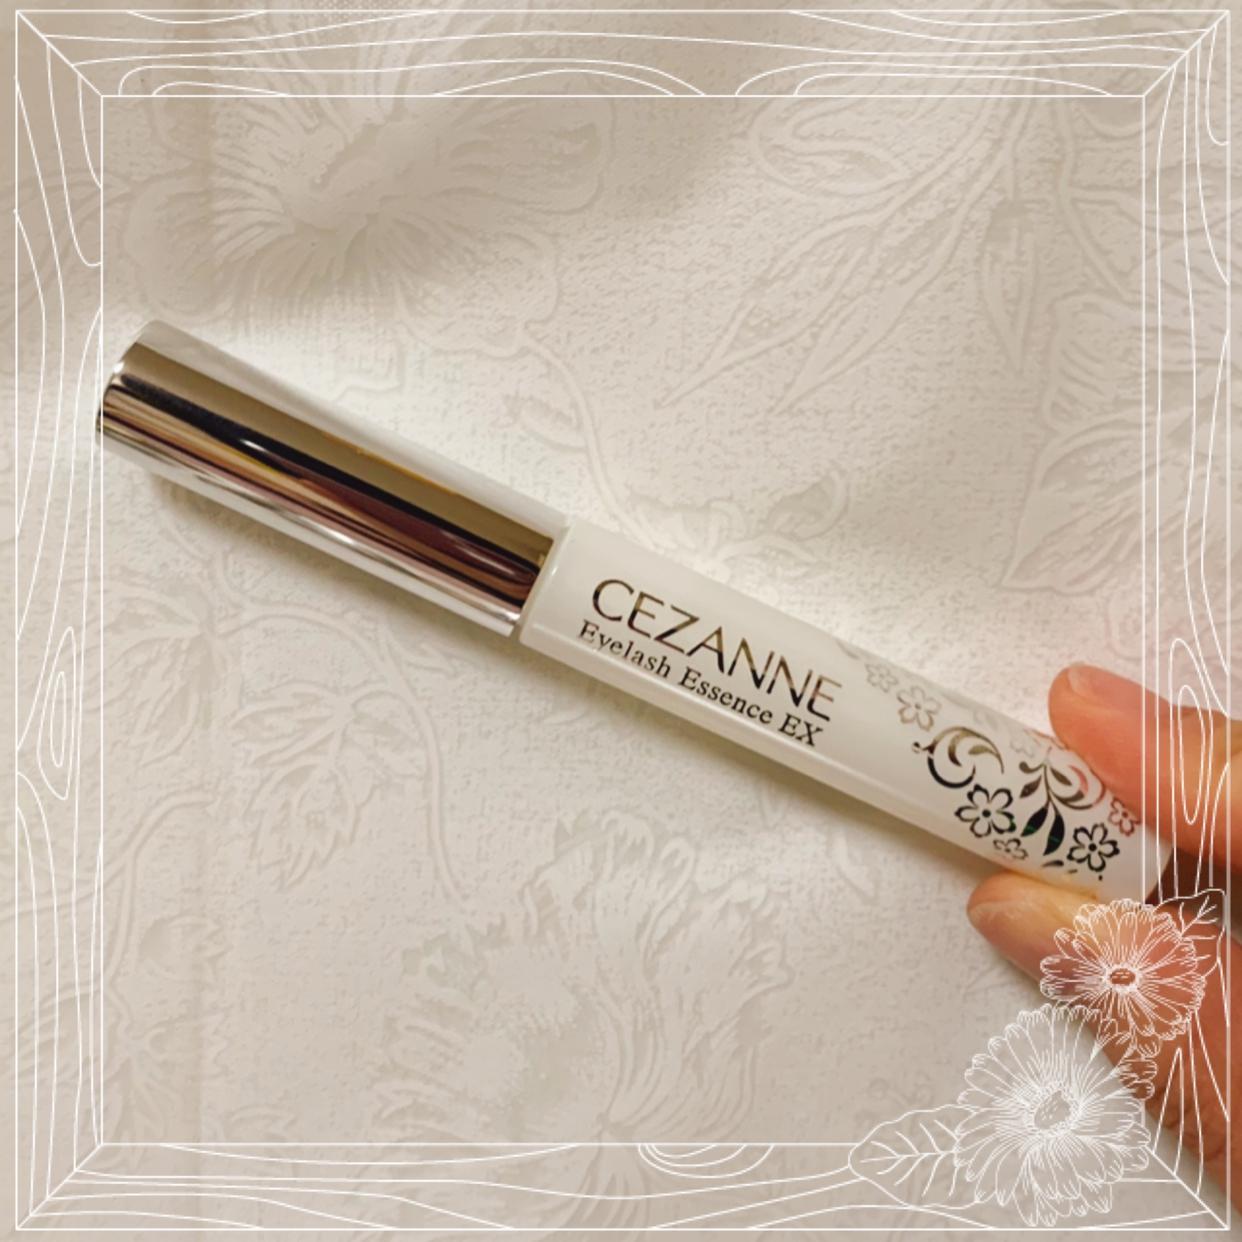 CEZANNE(セザンヌ)まつげ美容液EXを使ったAyumiさんのクチコミ画像1